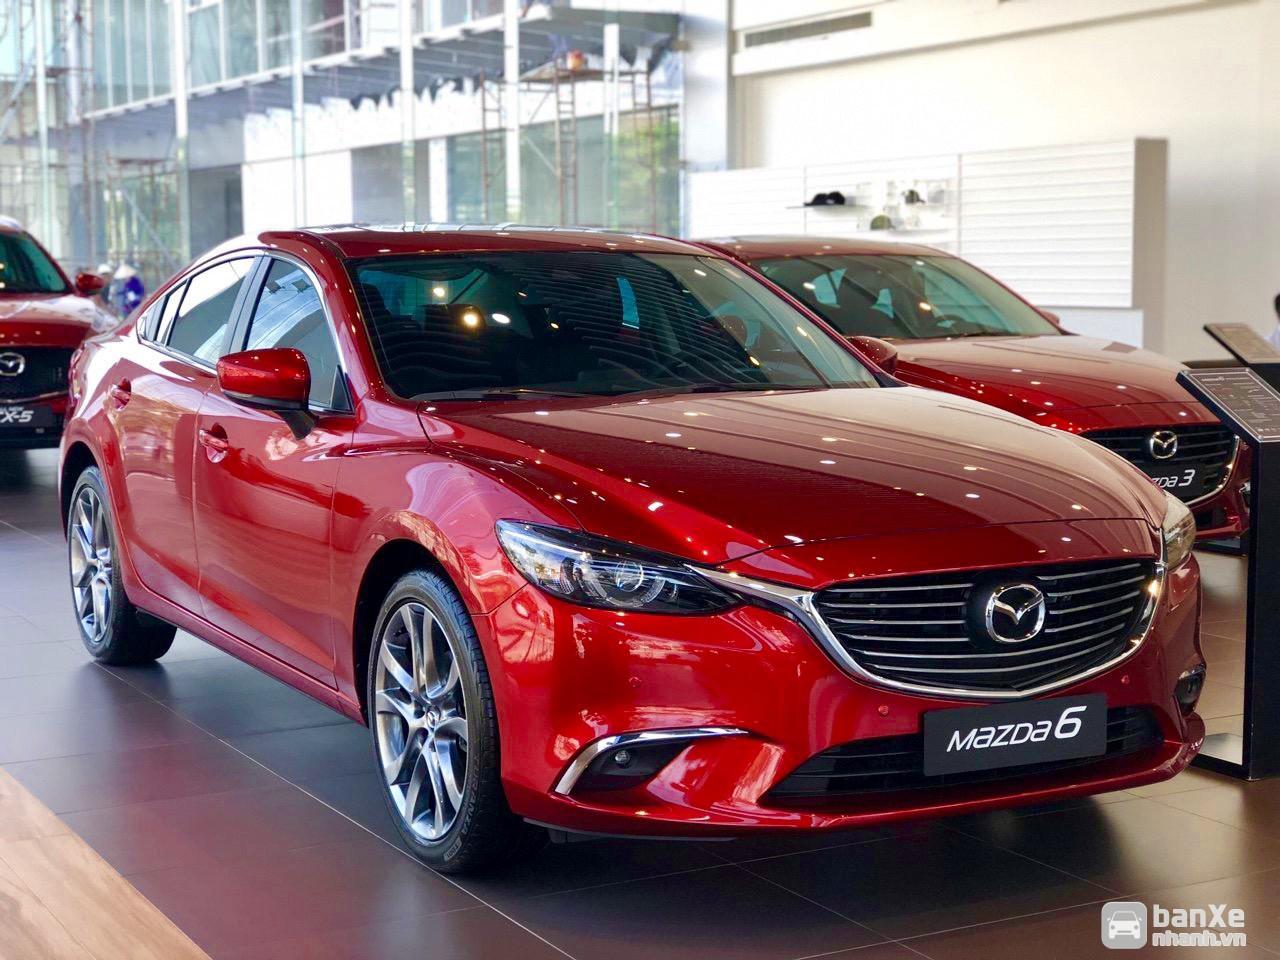 Mazda 6 2019 hỗ trợ trả góp 85%, liên hệ 0909417798 để được tư vấn